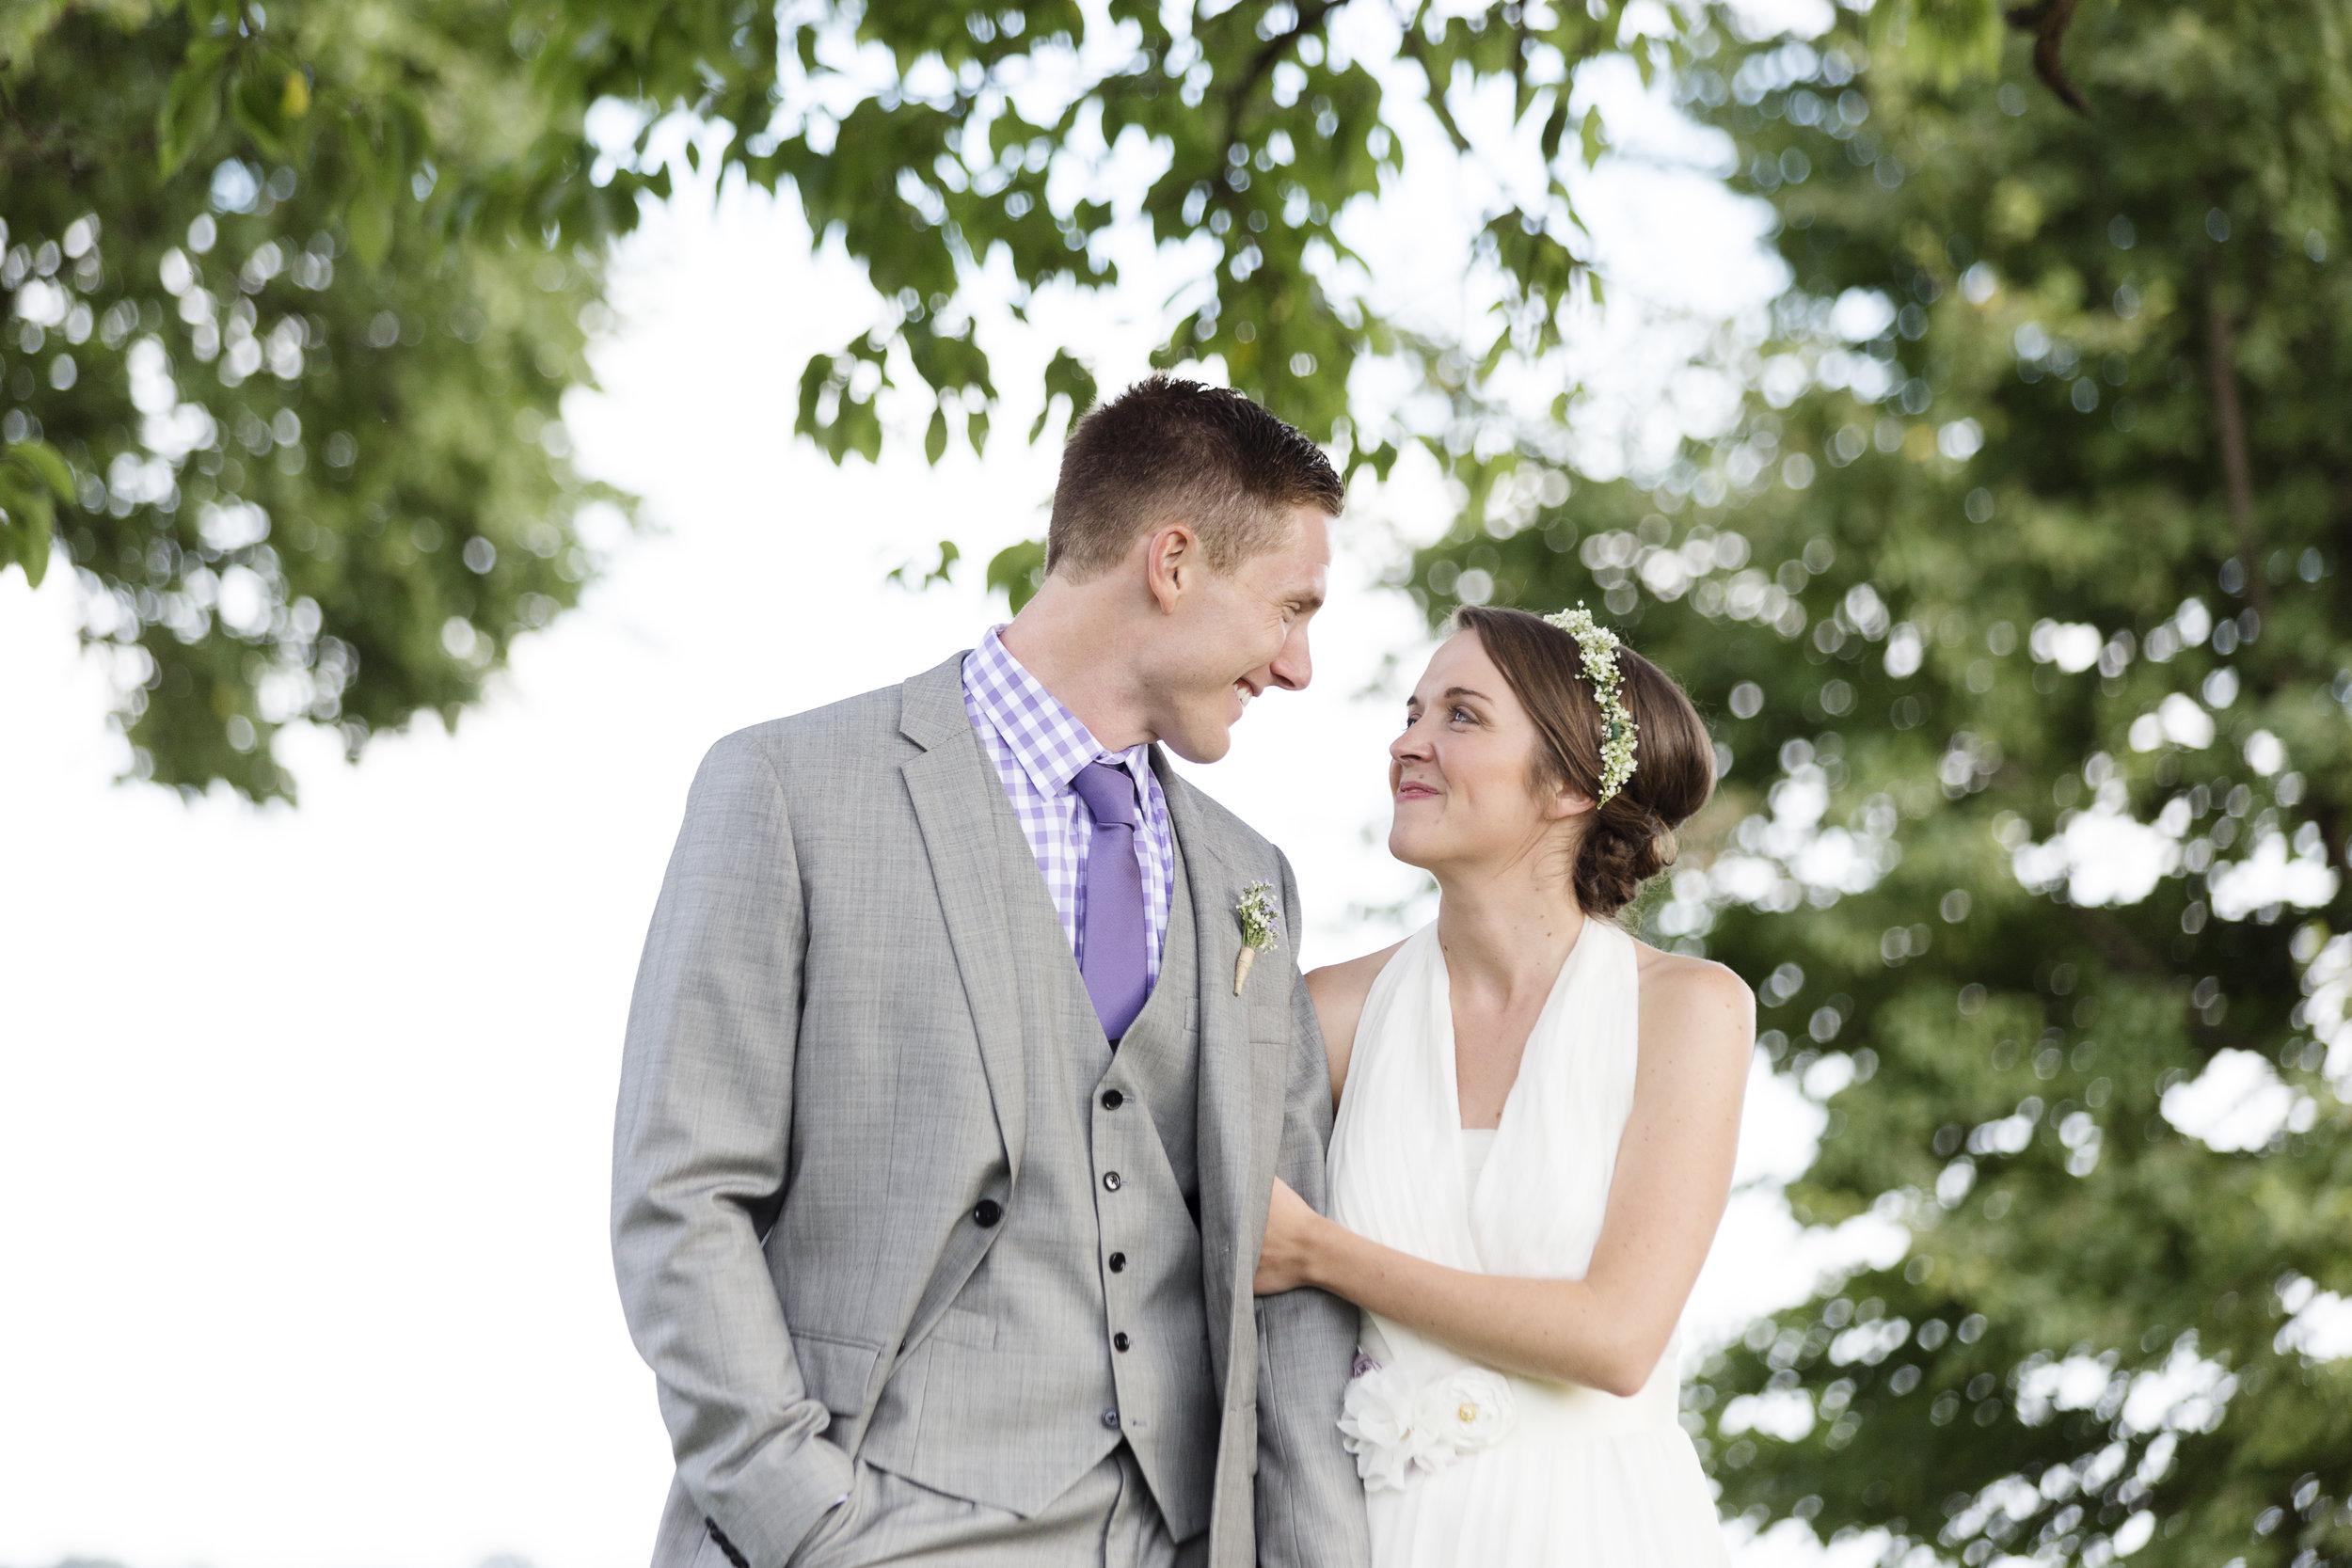 bride and groom093.jpg